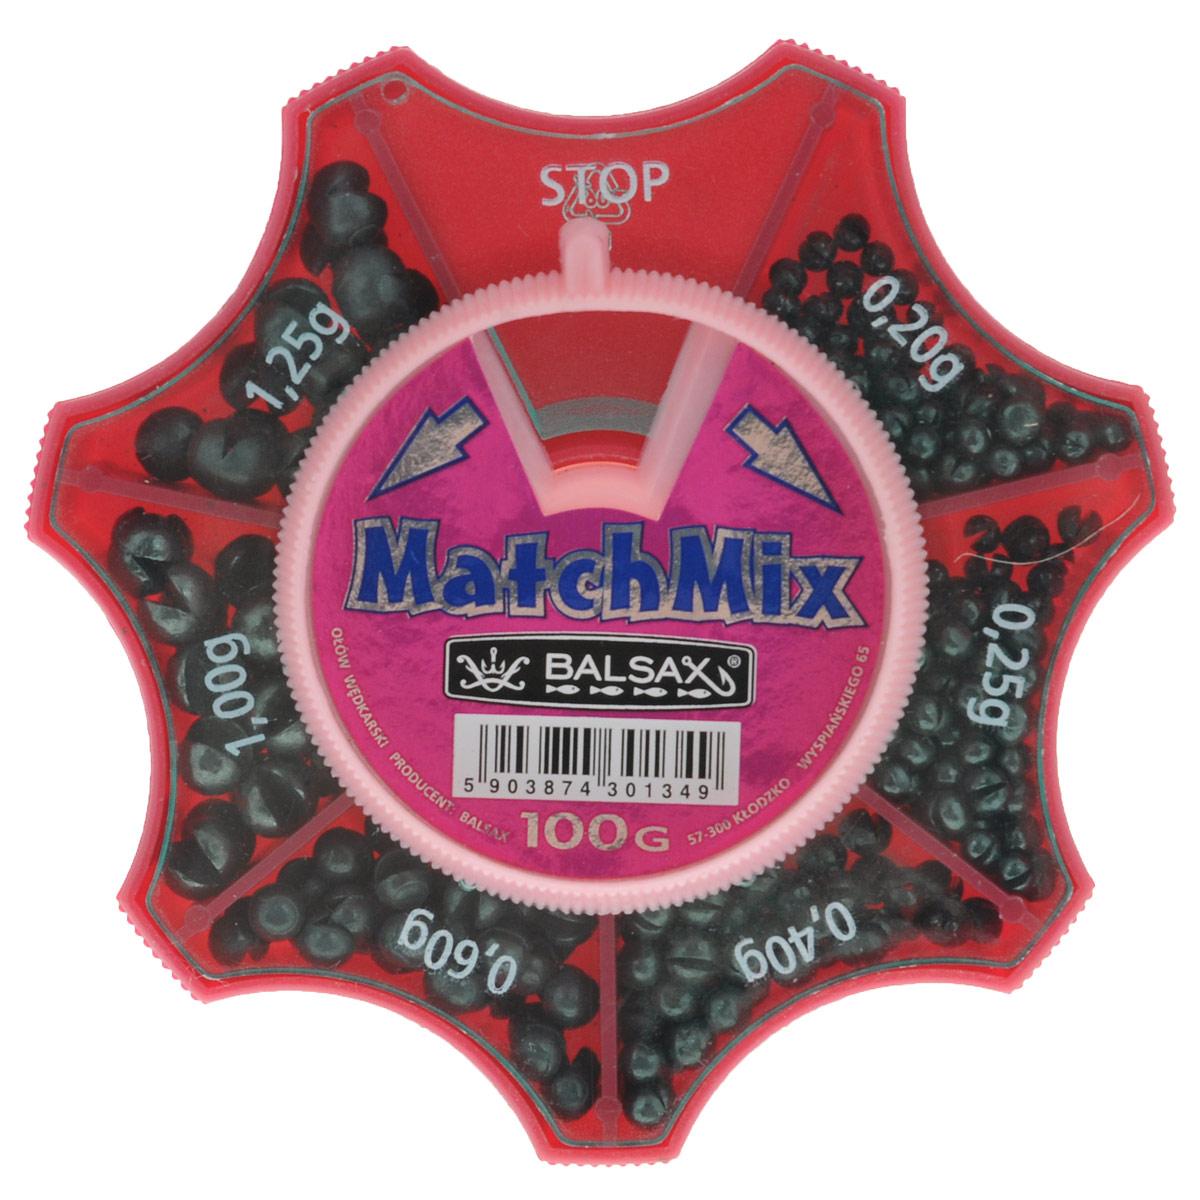 Набор грузов Balsax MatchMix, цвет: серый, 100 г13-7-371Грузы Balsax MatchMix, изготовленные из свинца, прочно держатся на леске. Грузило - одно из рыболовных приспособлений, которое гарантирует правильный заброс удочки и надежное закрепление крючка в пасти рыбы. Они легко закрепляются даже на самой тонкой снасти, при этом их можно перемещать вверх и вниз, не опасаясь, что они повредит леску. В набор входит шесть видов грузов весом: 0,20 г, 0,25 г, 0,40 г, 0,60 г, 1 г, 1,25 г. Набор грузов Balsax MatchMix станет незаменимым атрибутом рыбалки. Вес грузов: 0,20-1,25 г. Общий вес: 100 г. Материал: свинец.